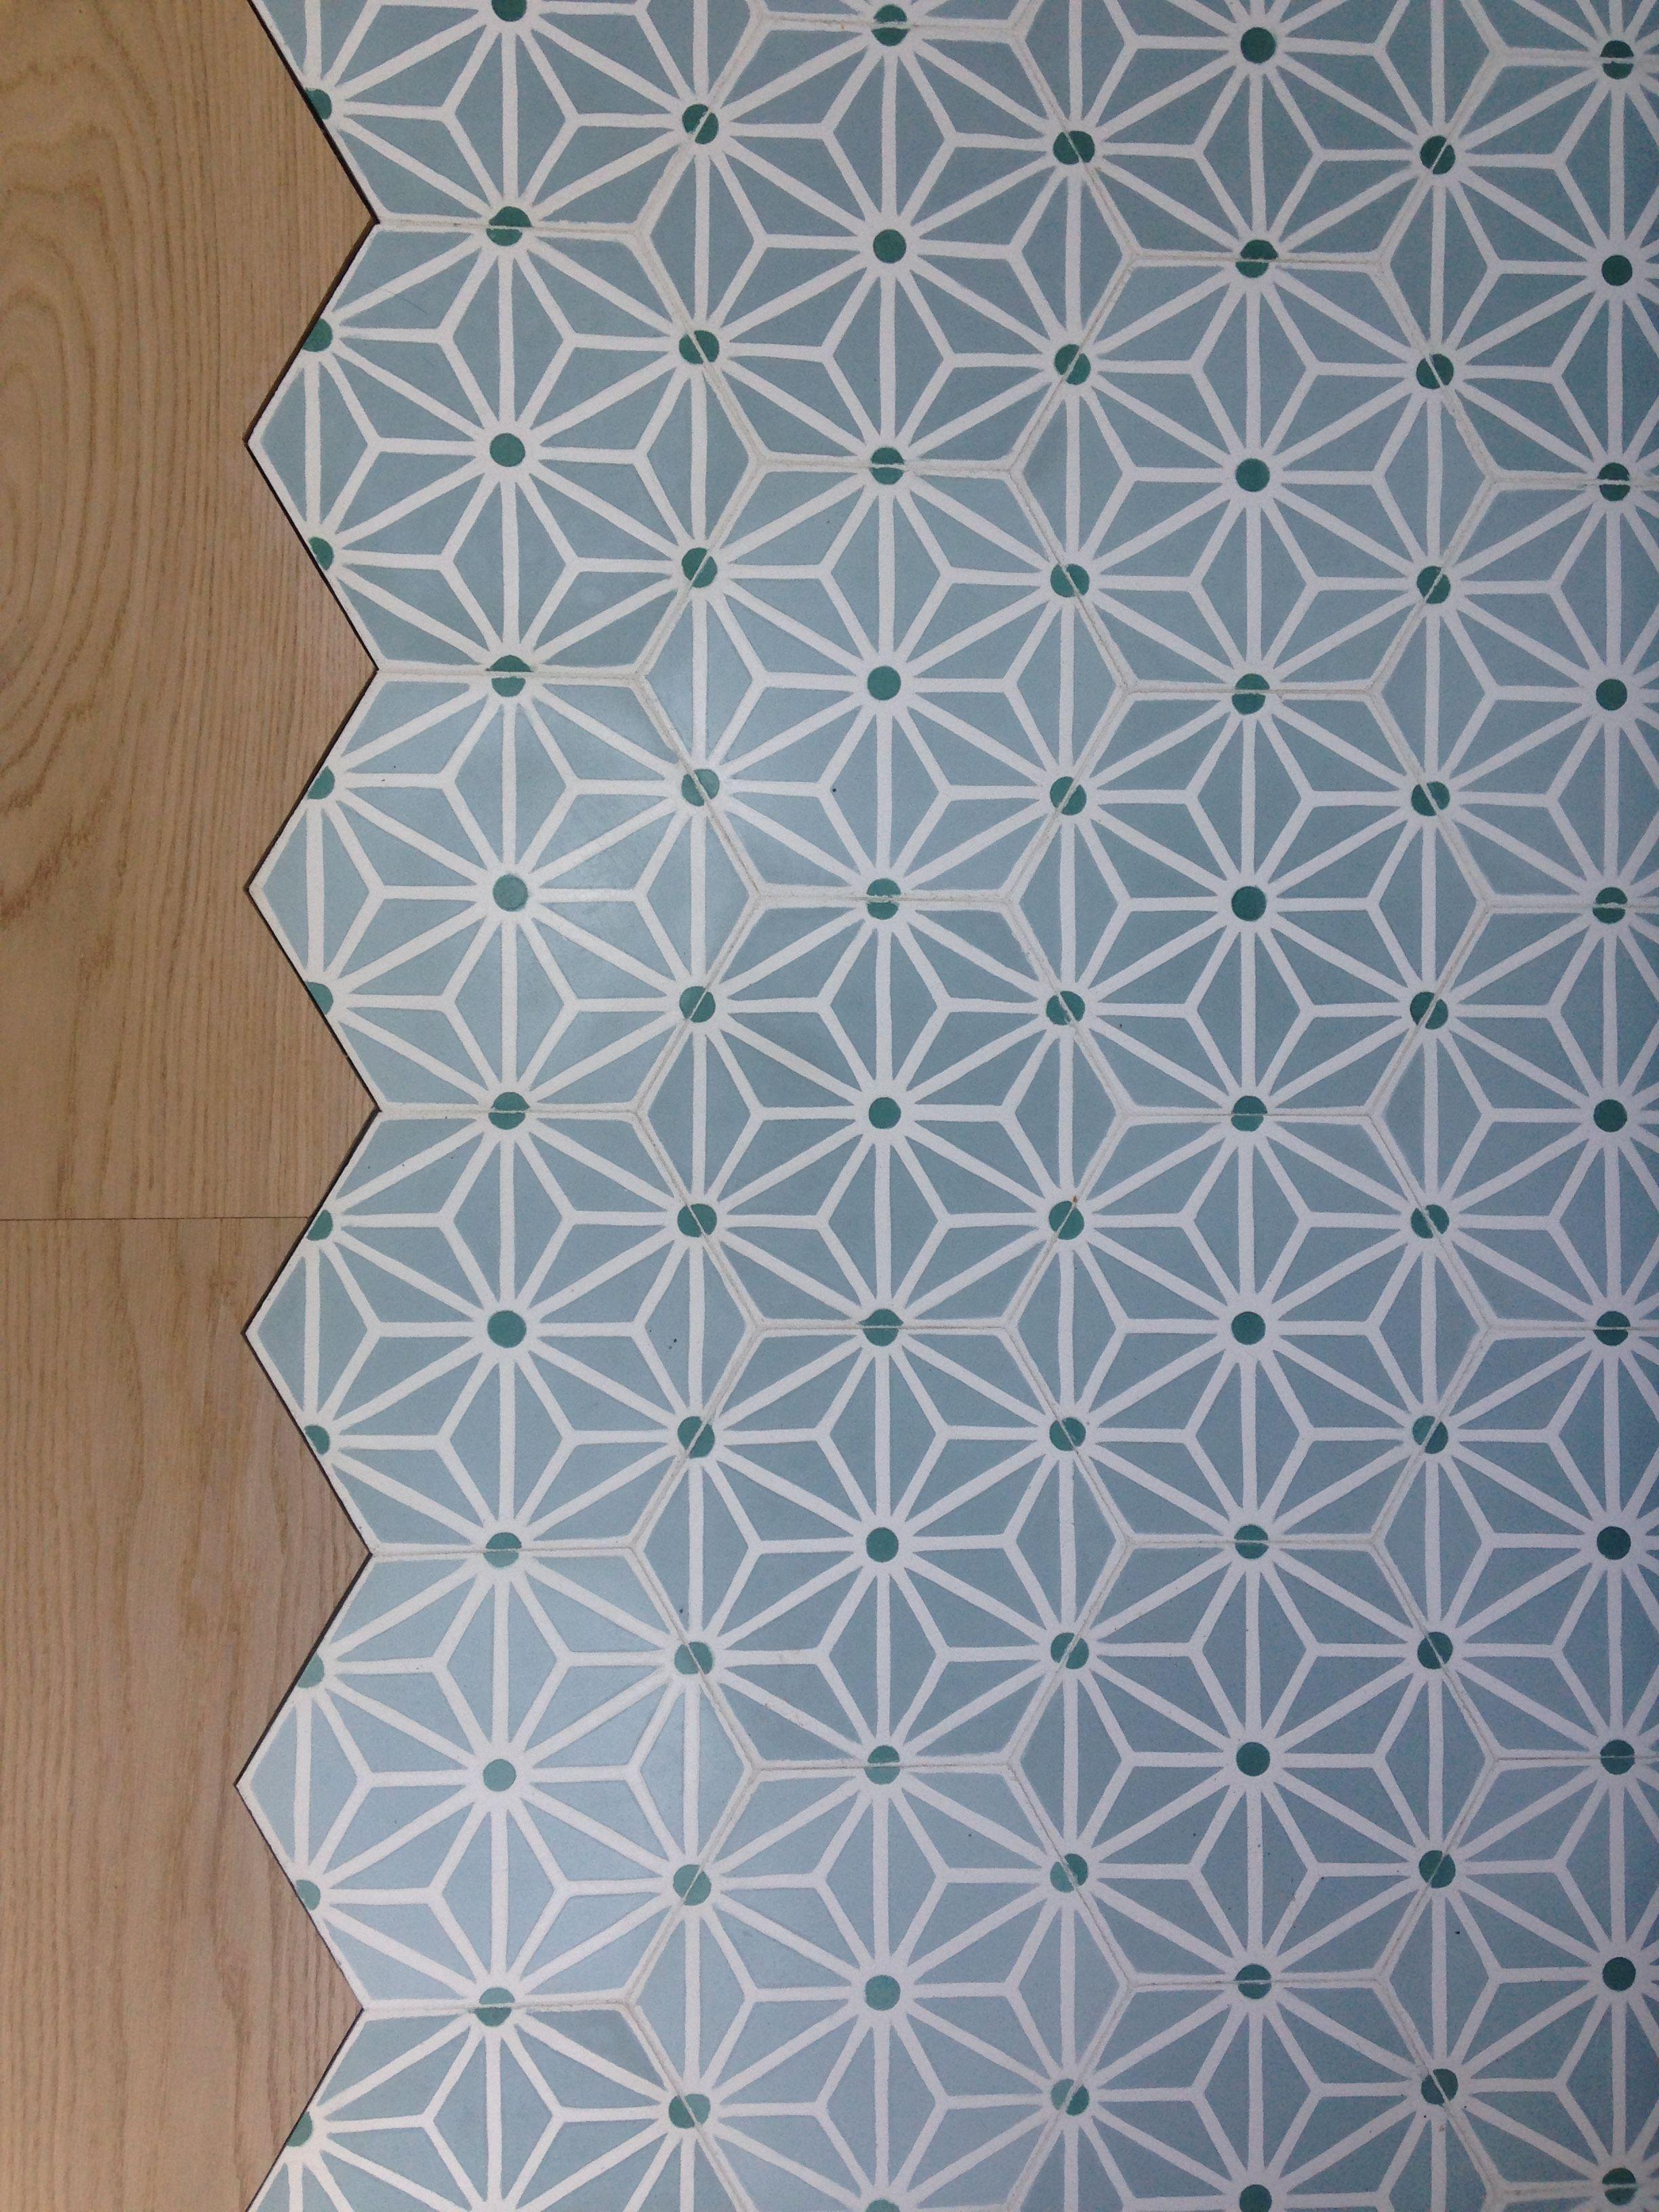 carreaux de ciment cement tiles motif safi carreaux de ciment cuisines pinterest. Black Bedroom Furniture Sets. Home Design Ideas